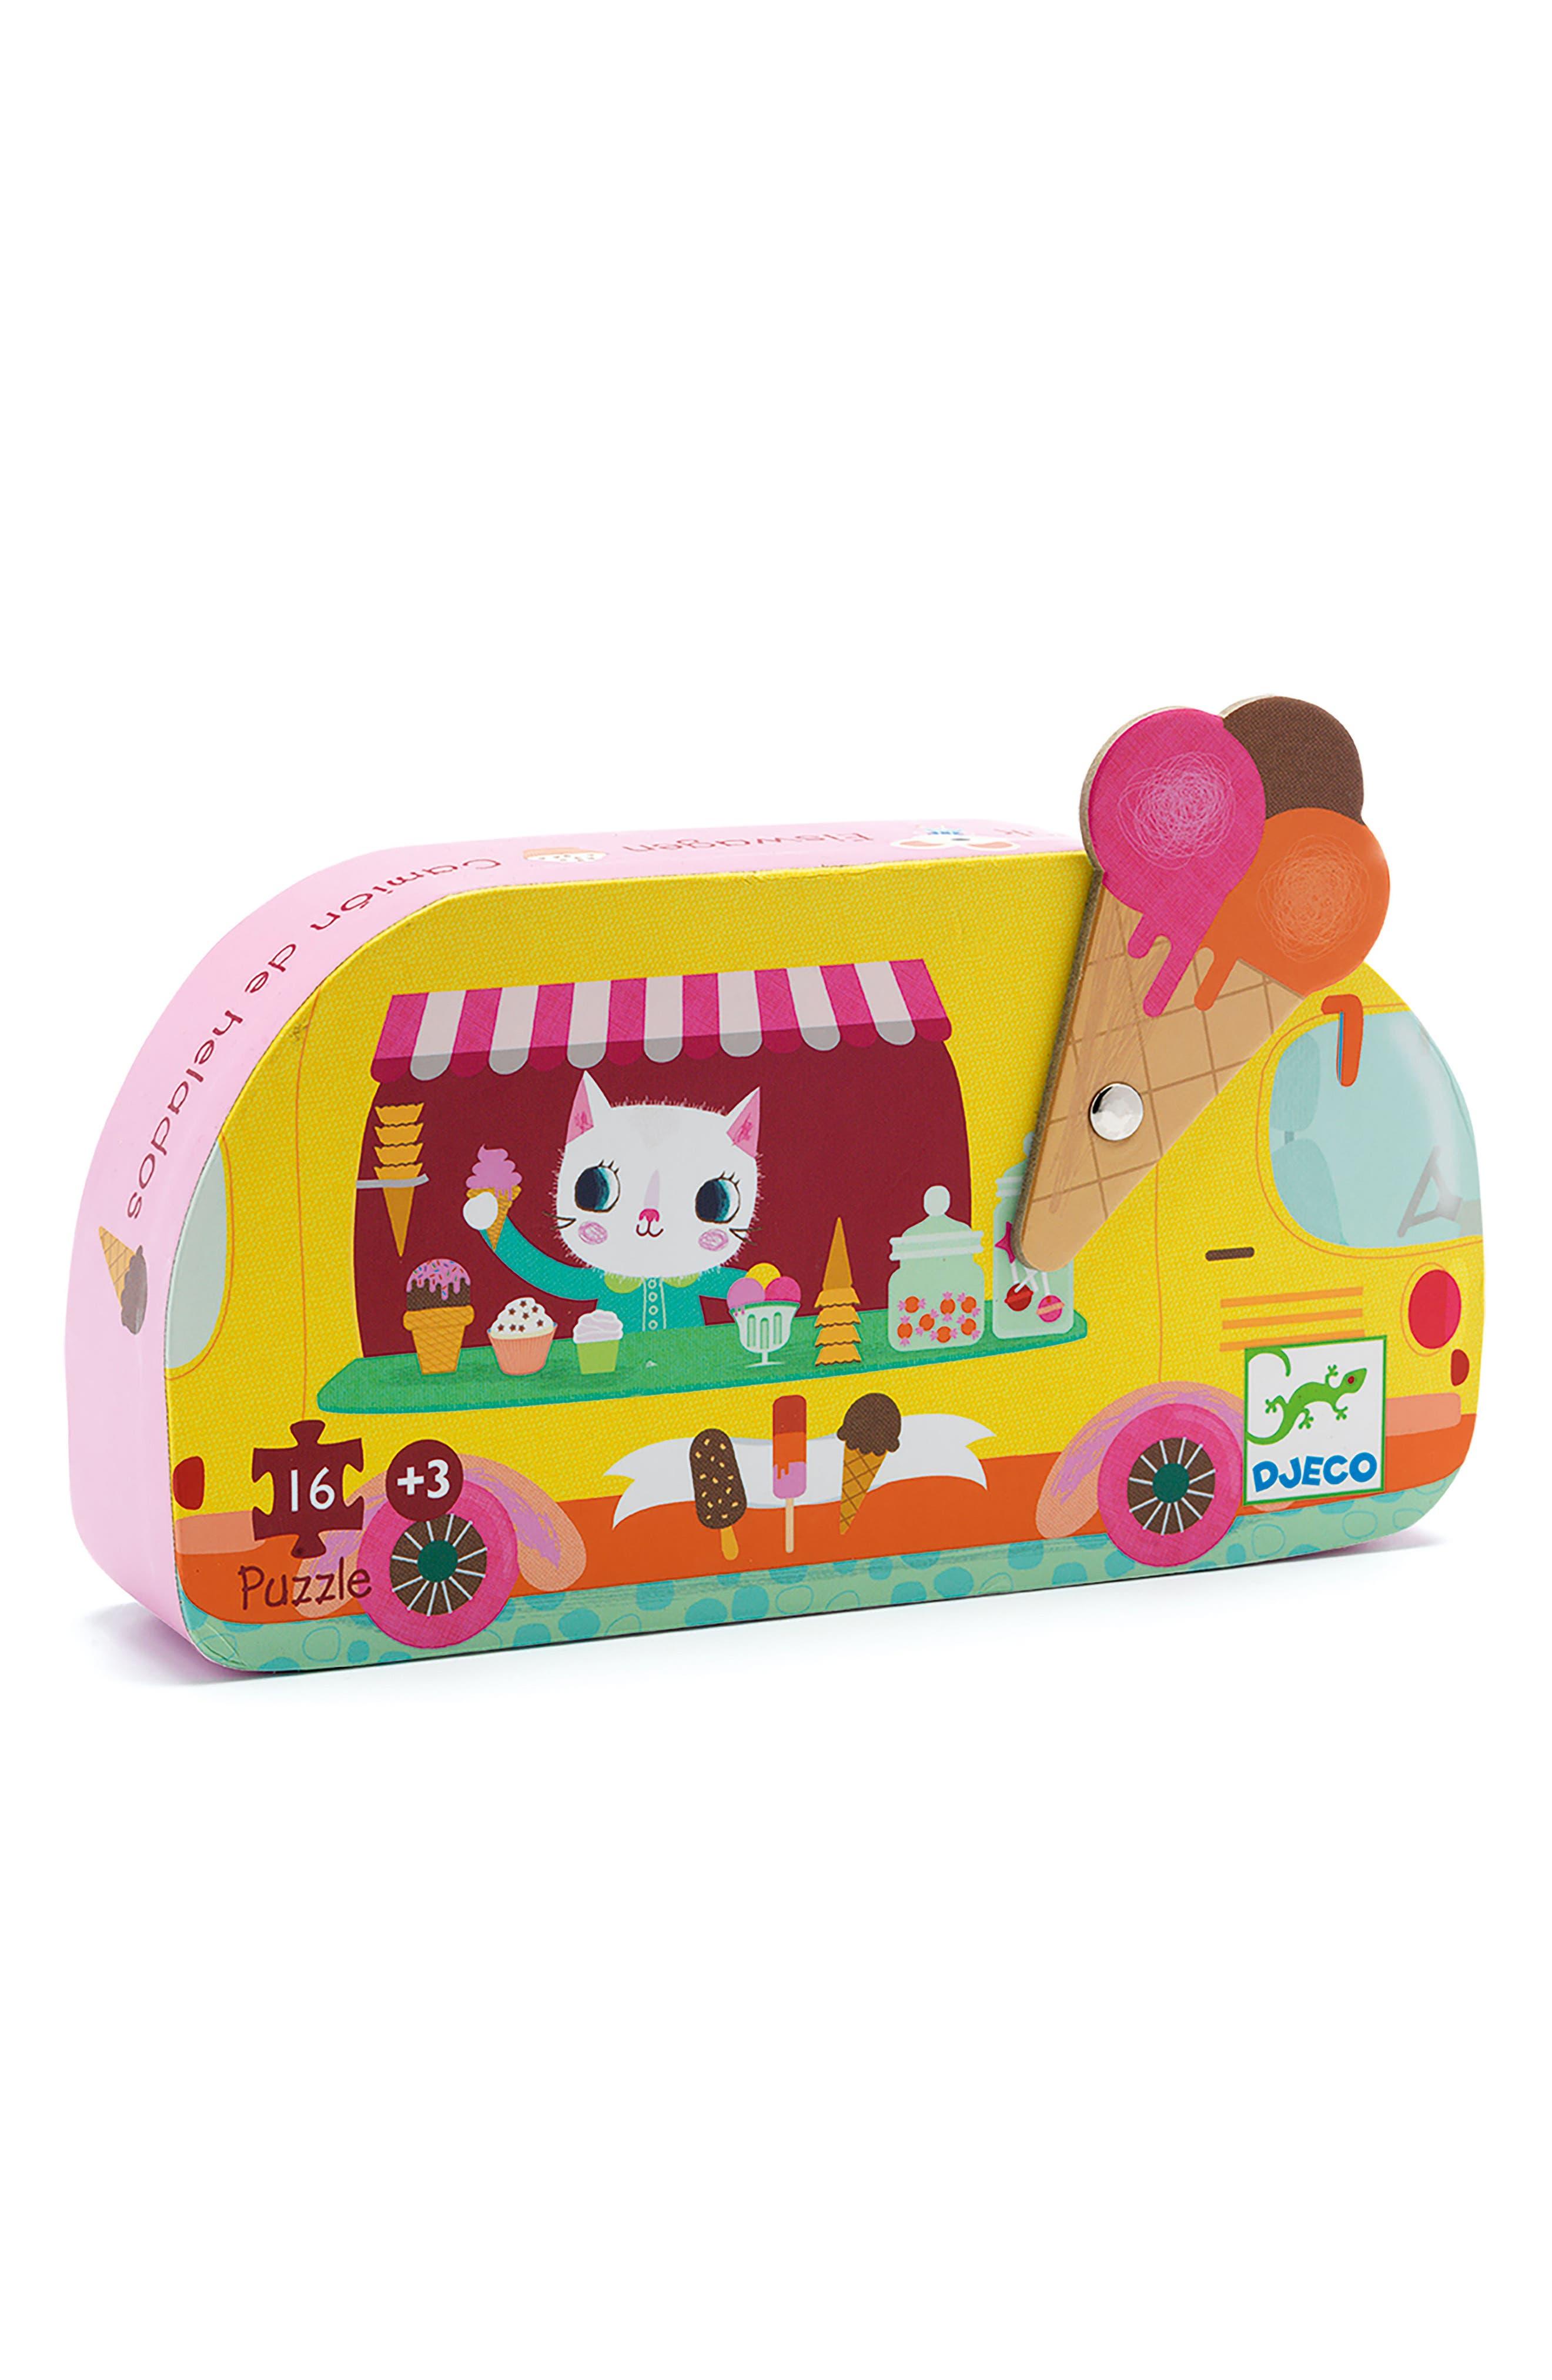 16-Piece Ice Cream Truck Mini Silhouette Puzzle,                             Main thumbnail 1, color,                             Multi